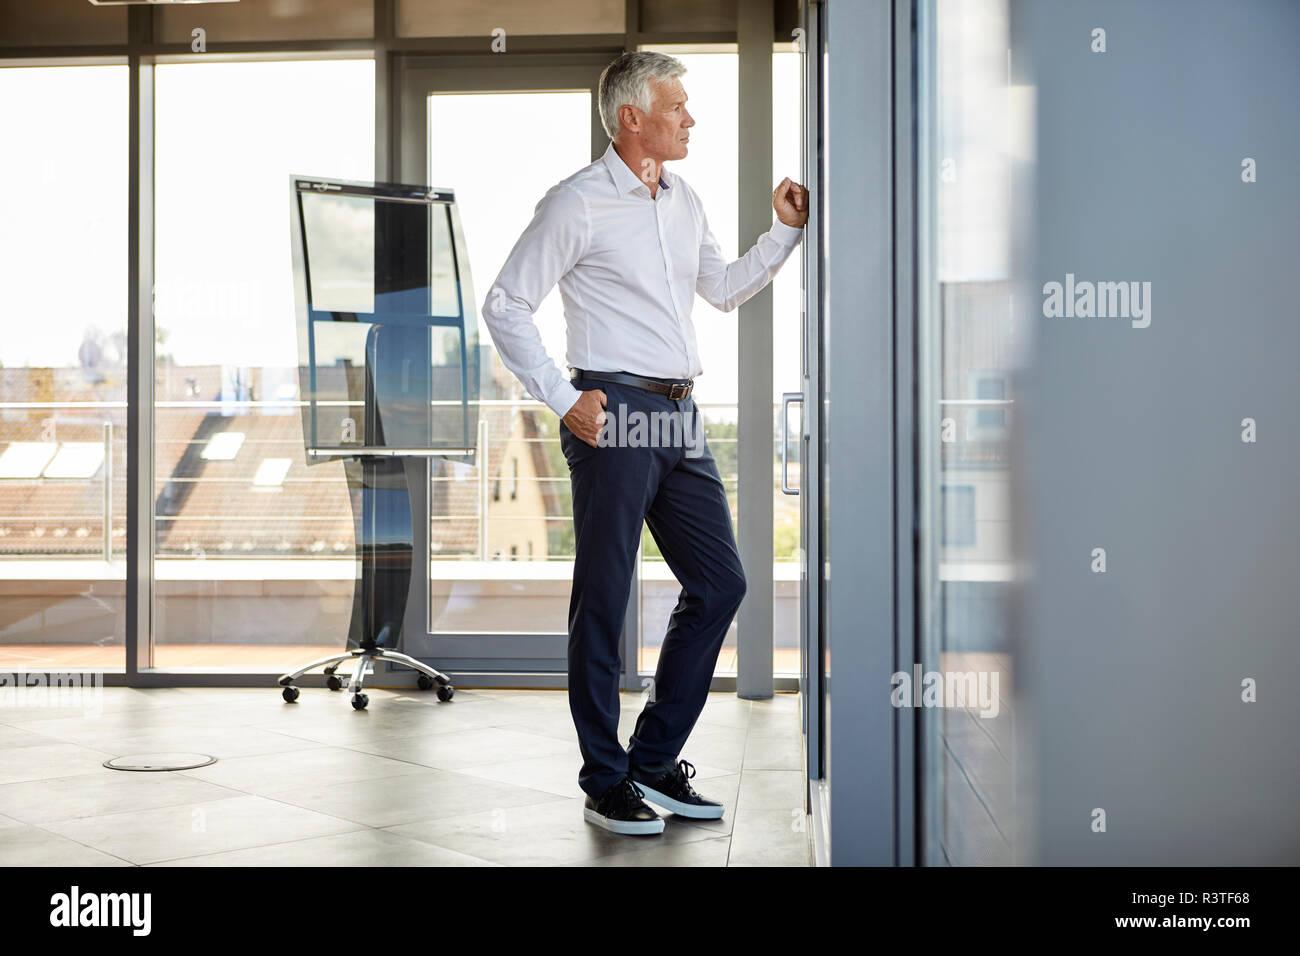 Inquiets businessman standing in office, à la fenêtre de Banque D'Images